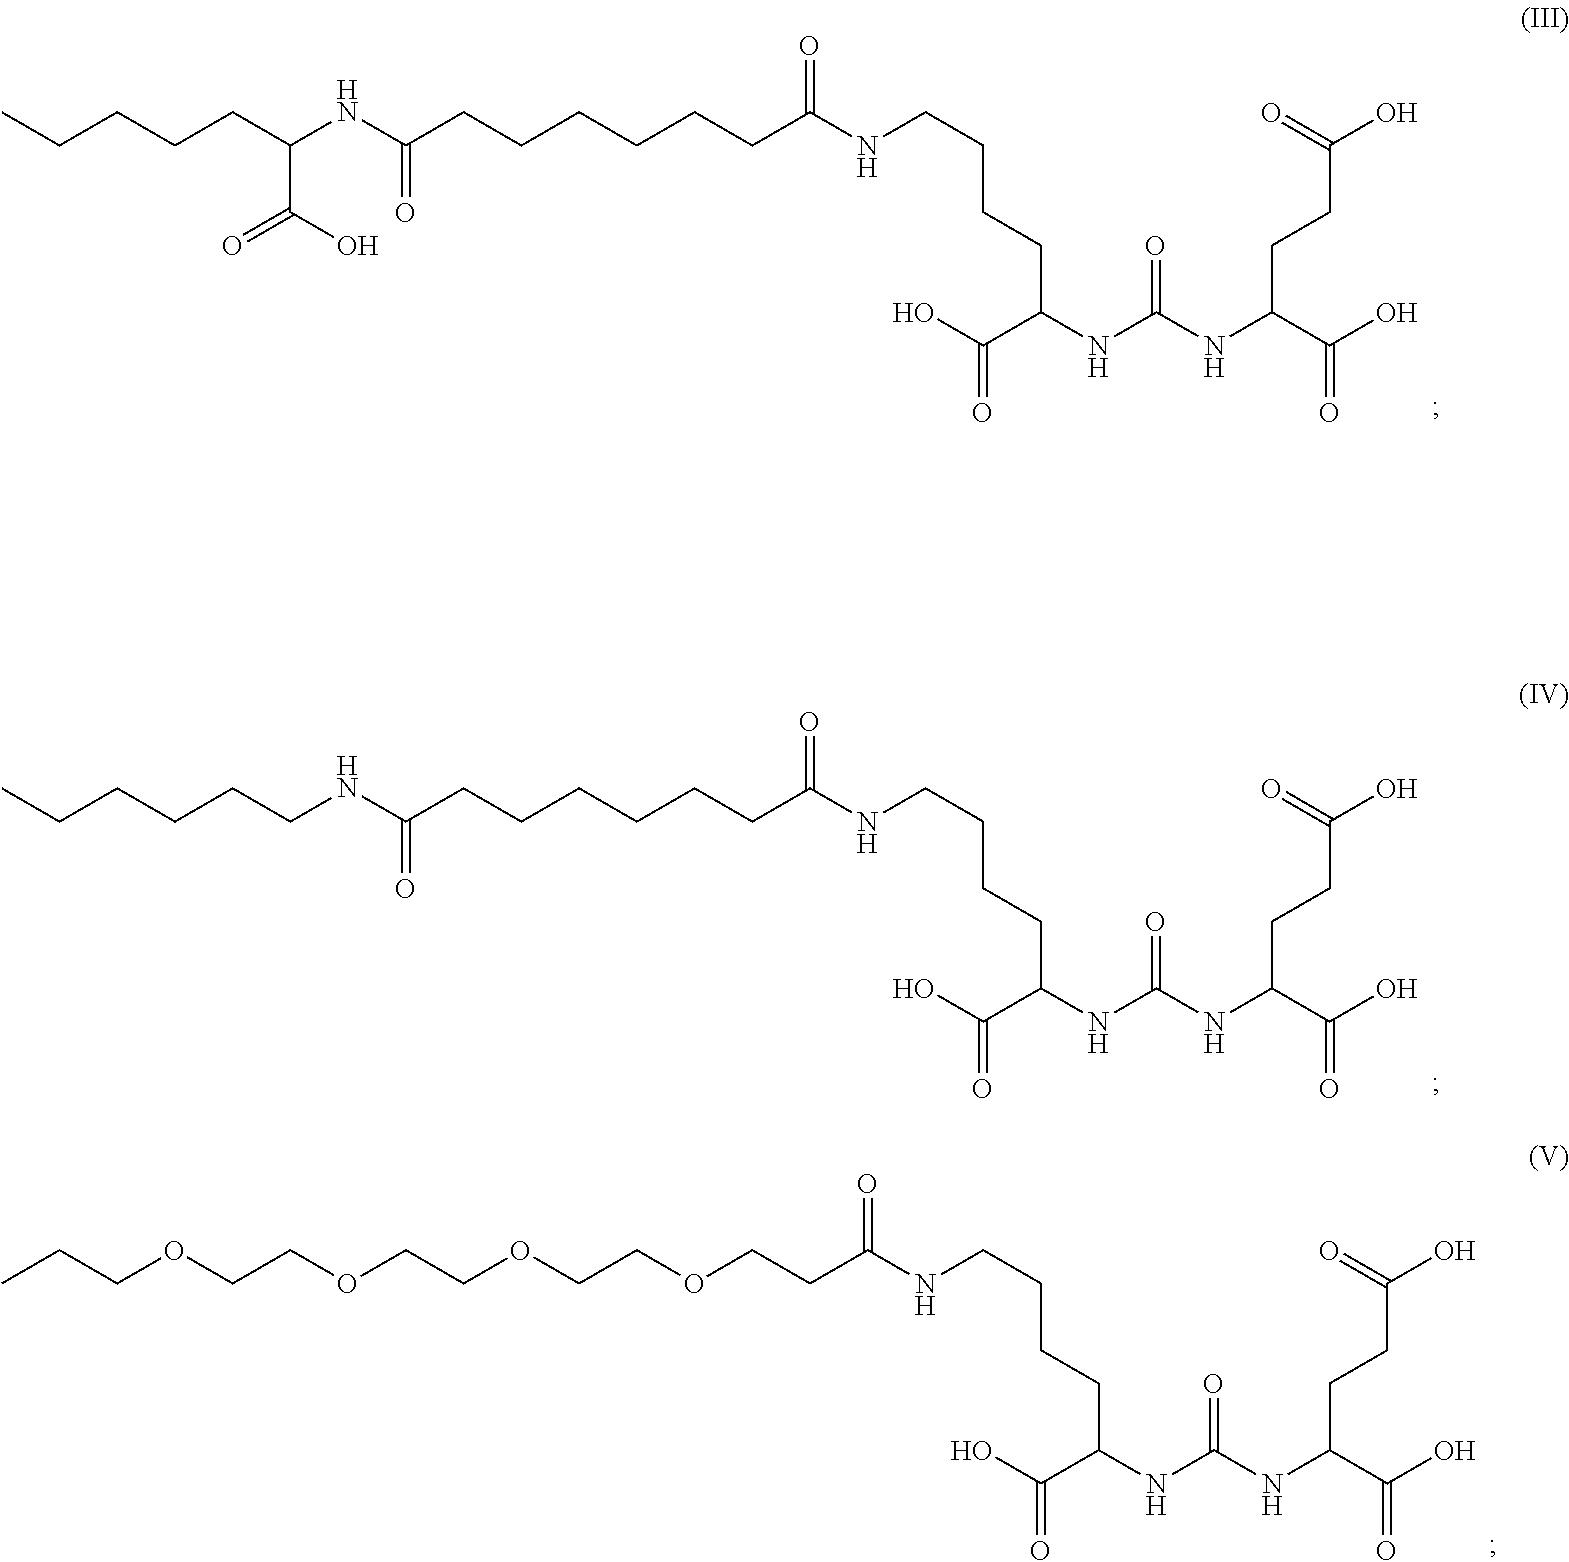 Figure US09884132-20180206-C00008